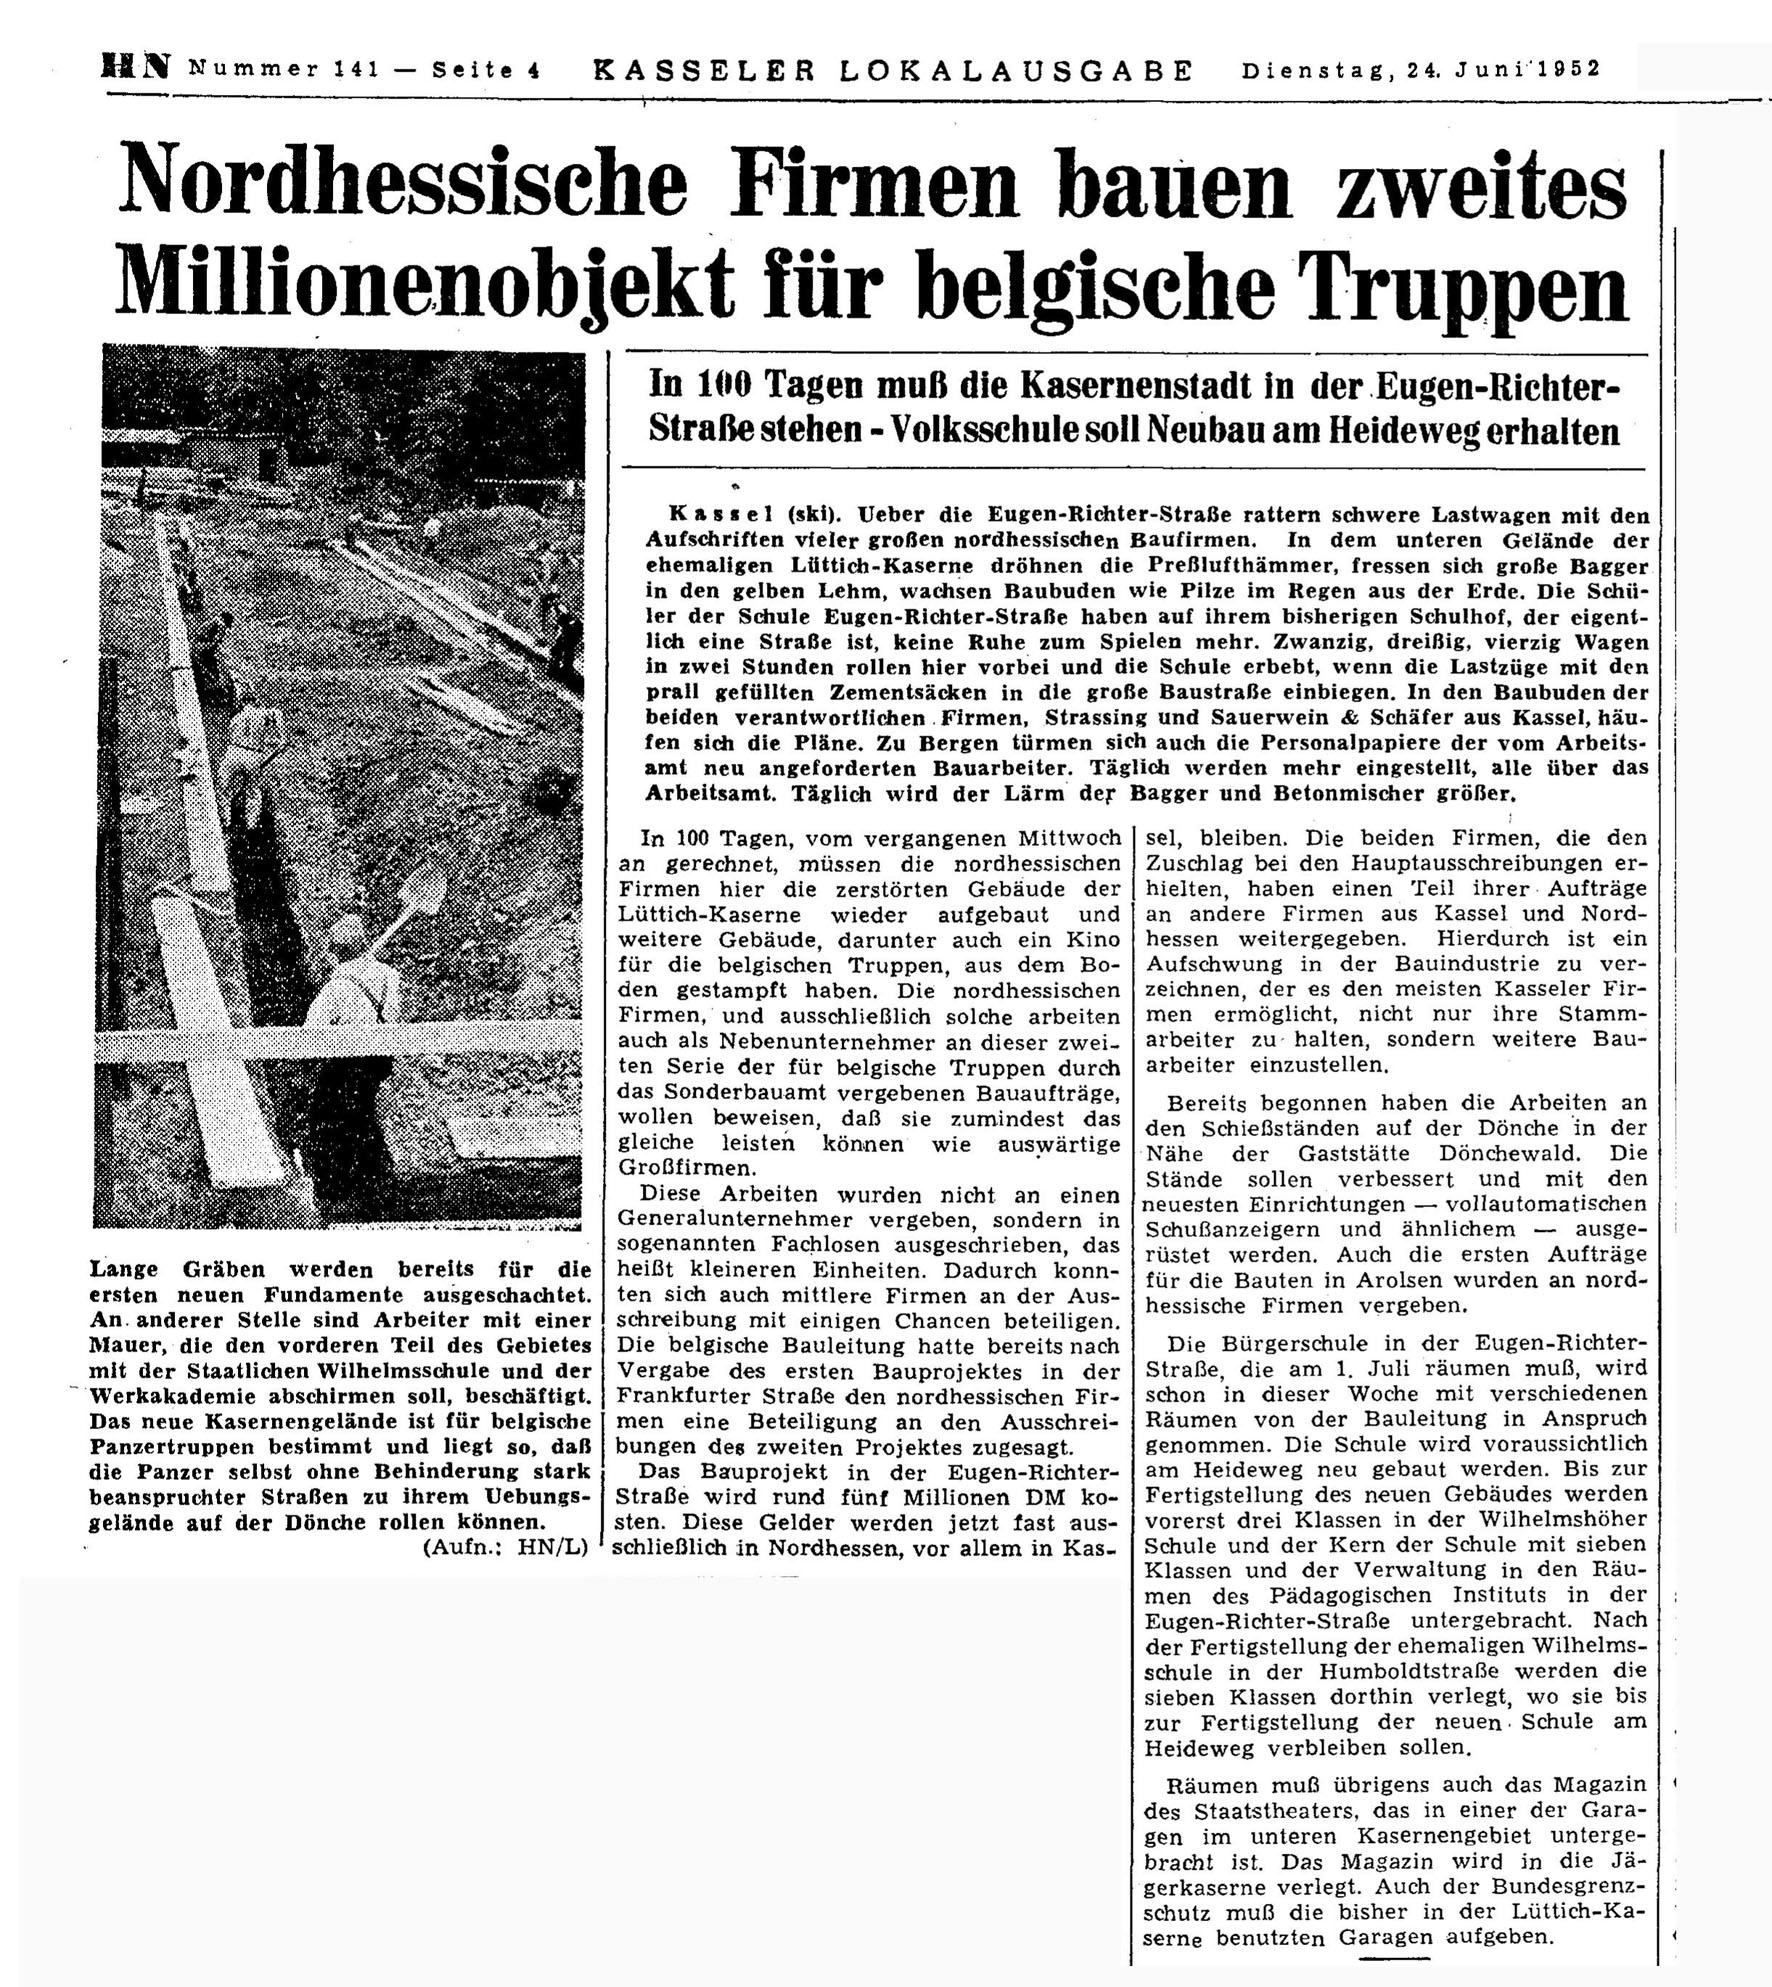 Kaserne f. belg.Truppen 24.06.52